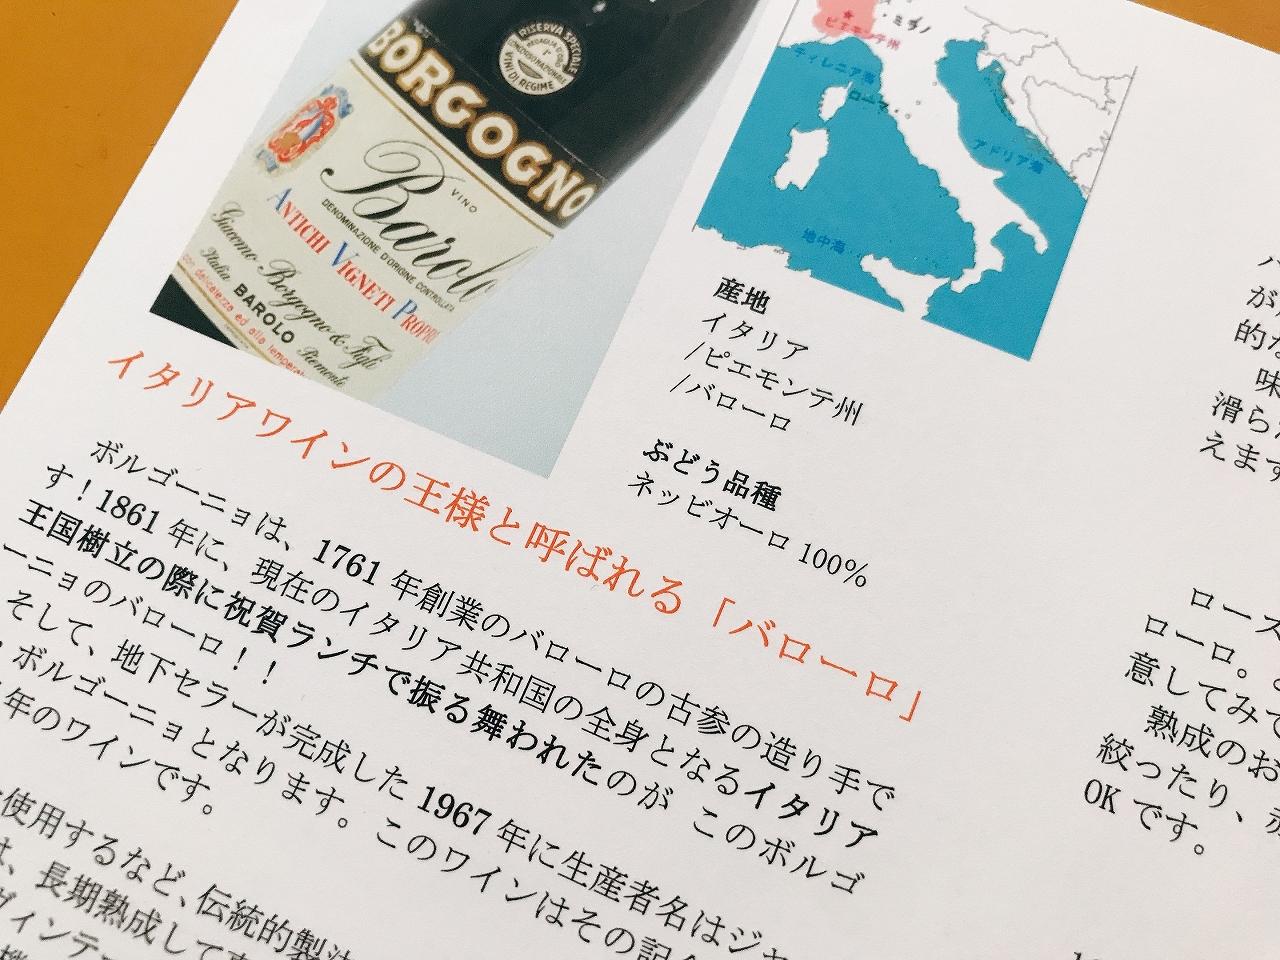 ワインカードによるワインの説明